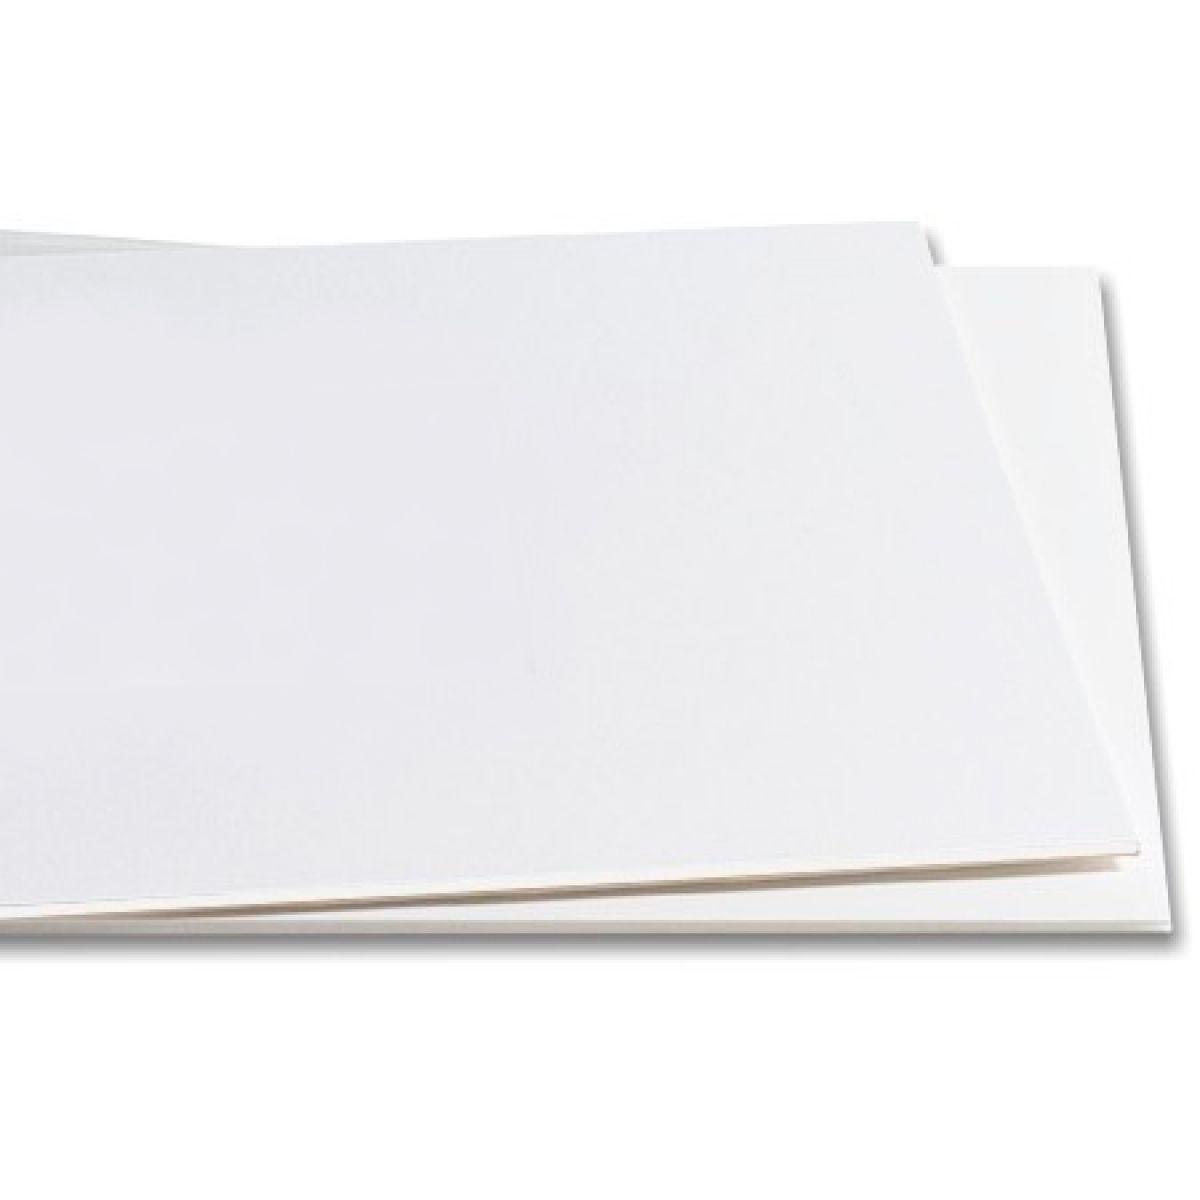 Papel Couche Brilho 170g A3 Embalagem Com 100 Folhas Phandora